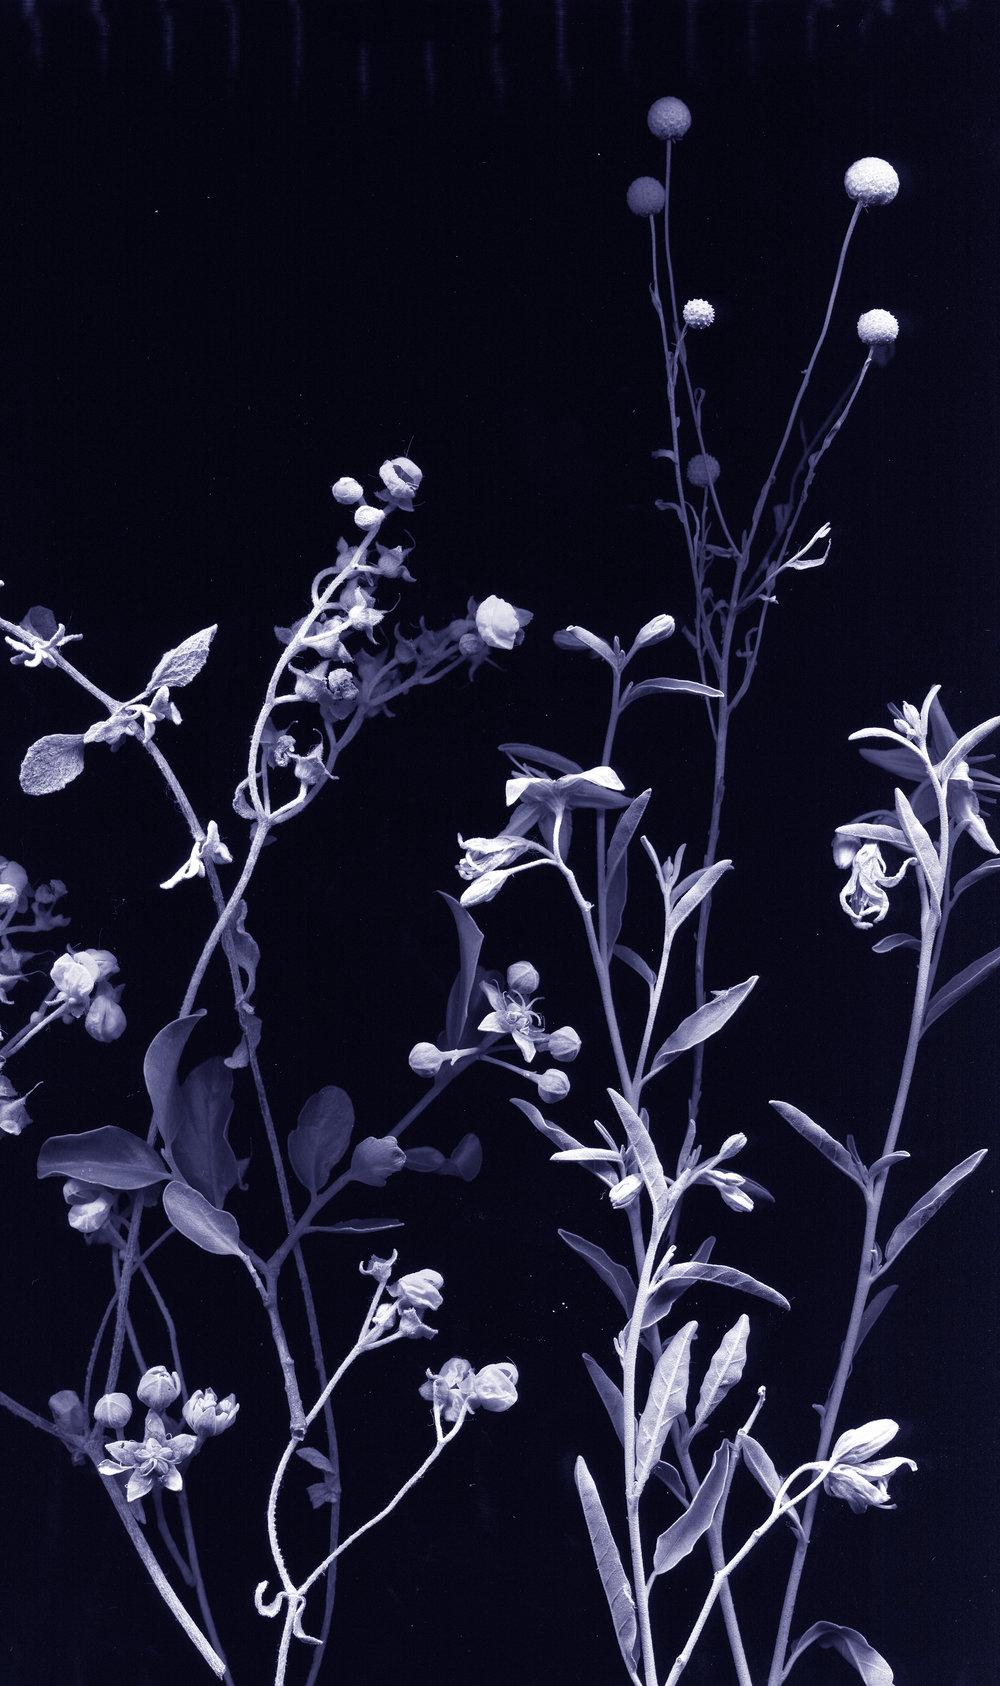 WeiXin Chong   flores nativias .1, 2017